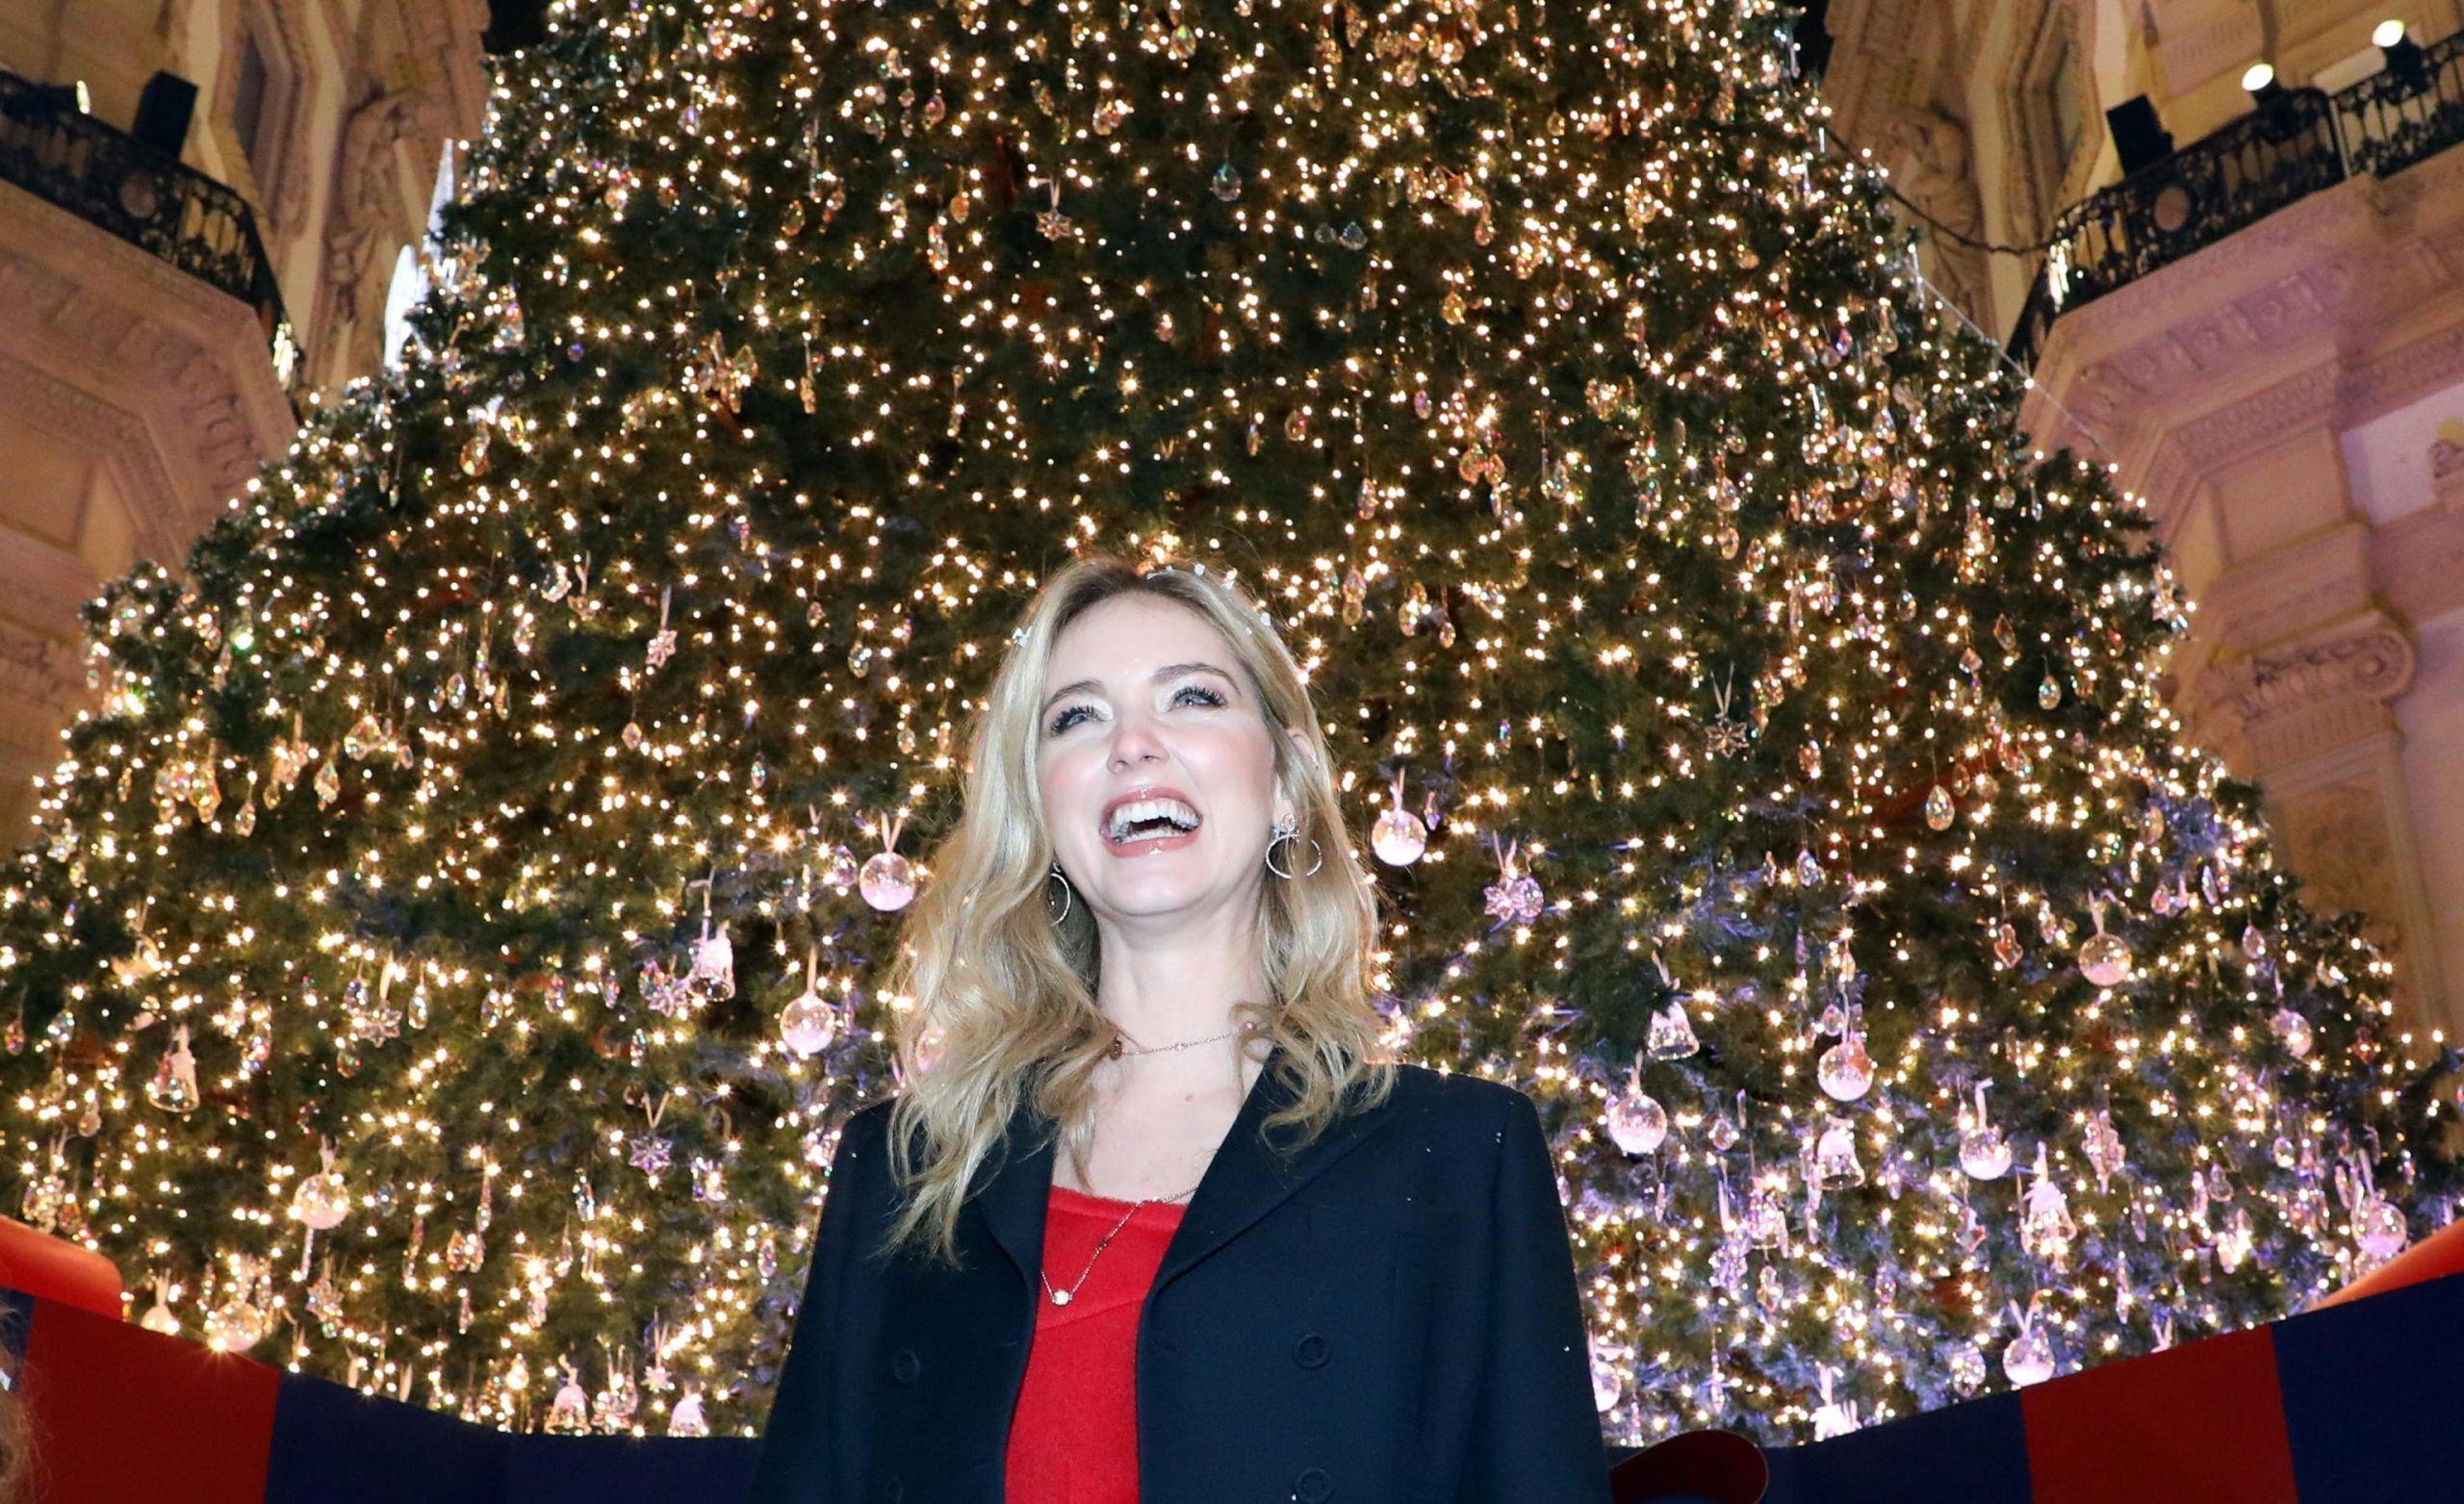 Chiara Ferragni a Milano per il Natale 2017